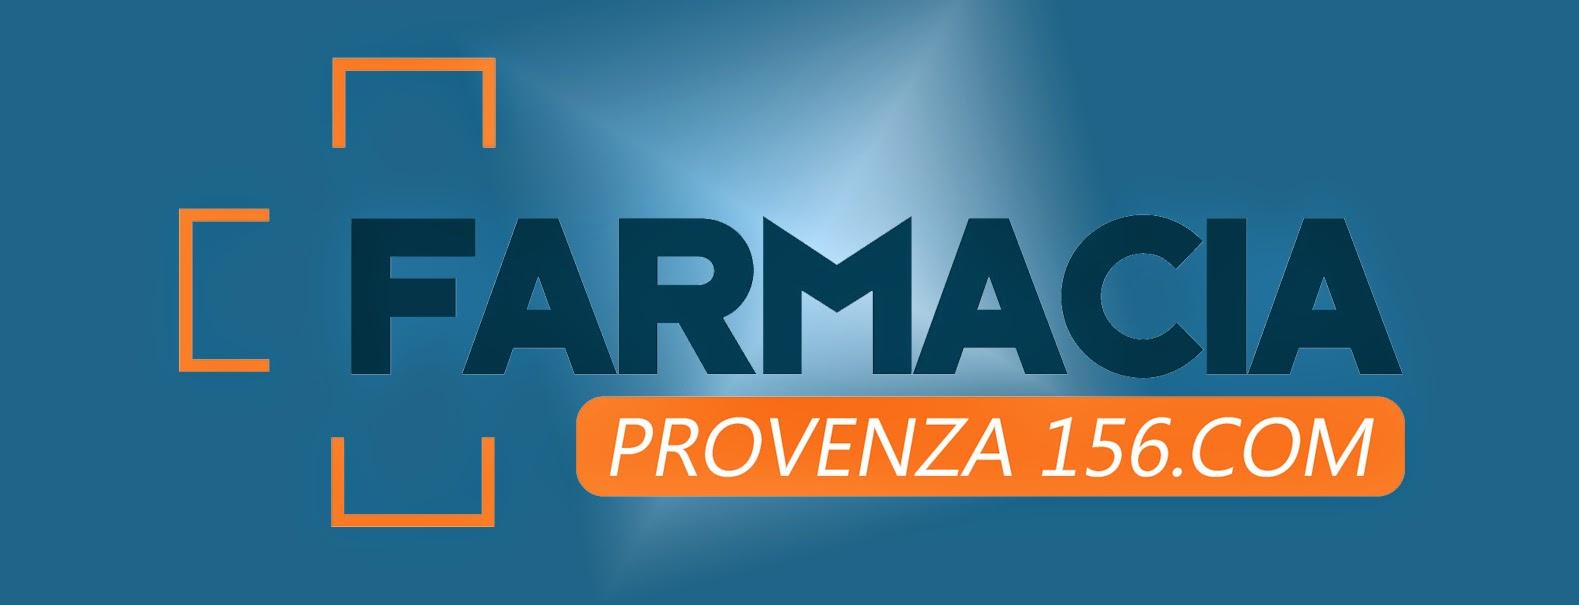 www.farmaciaprovenza156.com